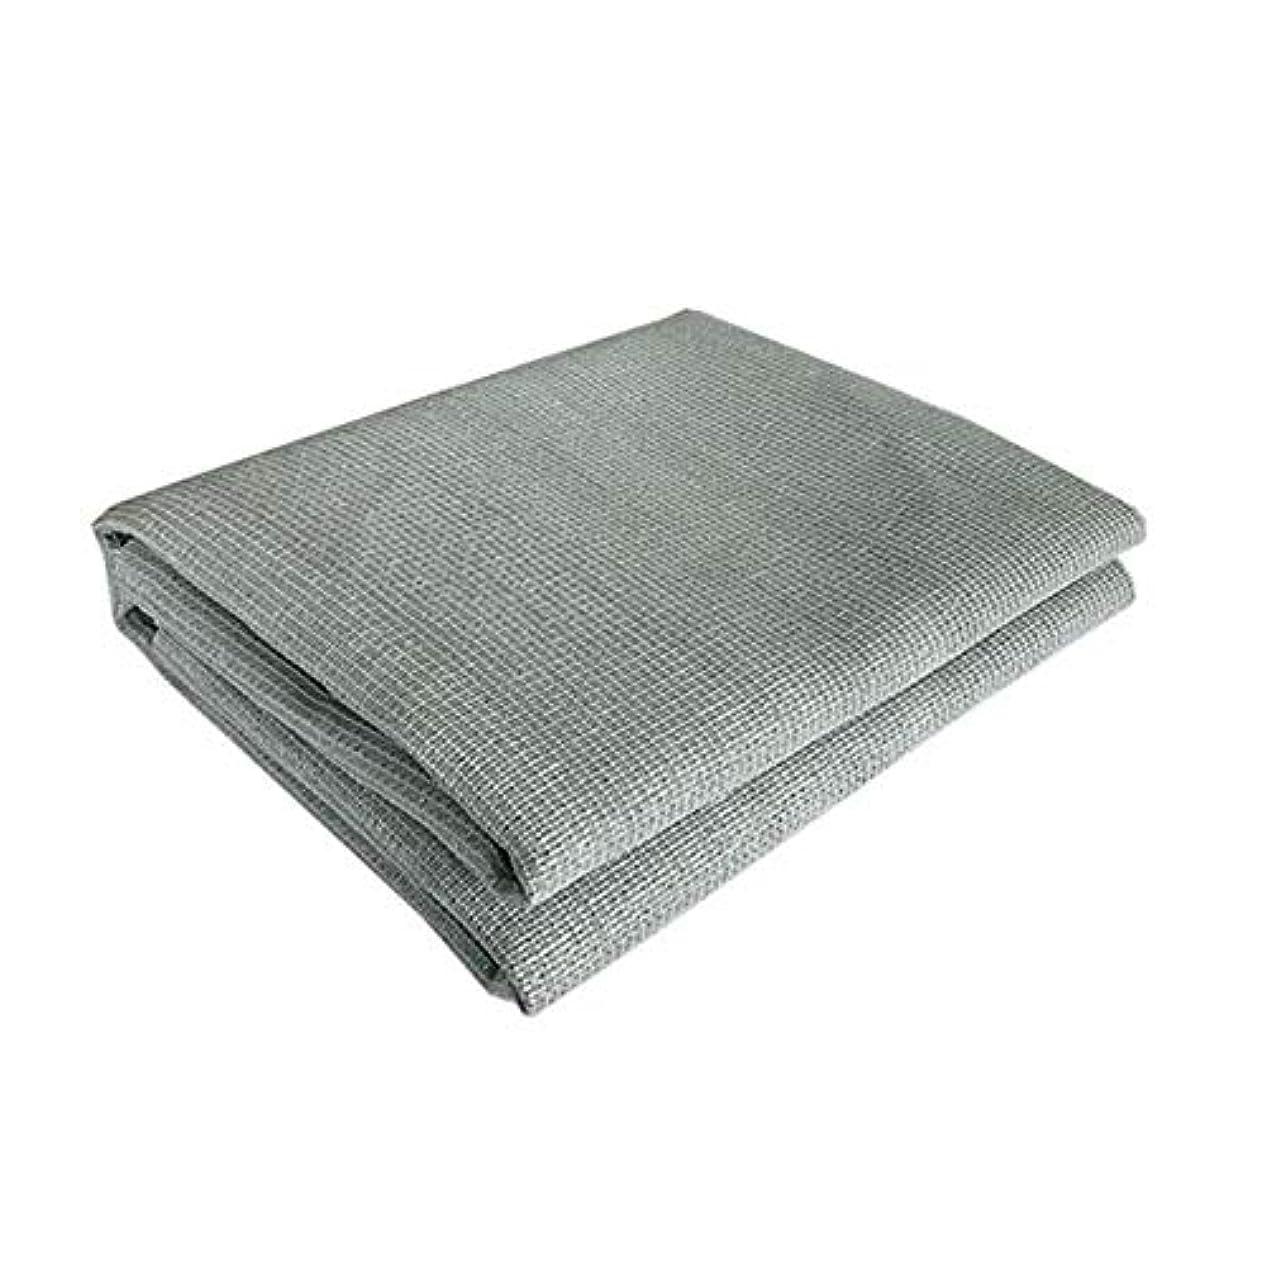 鼻日食タヒチXUERUI シェルター シェーディングネット パティオガーデン用ライトグレースクエアの2X2MサンシェイドセイルUVブロックファブリックキャノピー (Color : Gray, Size : 2X2M)